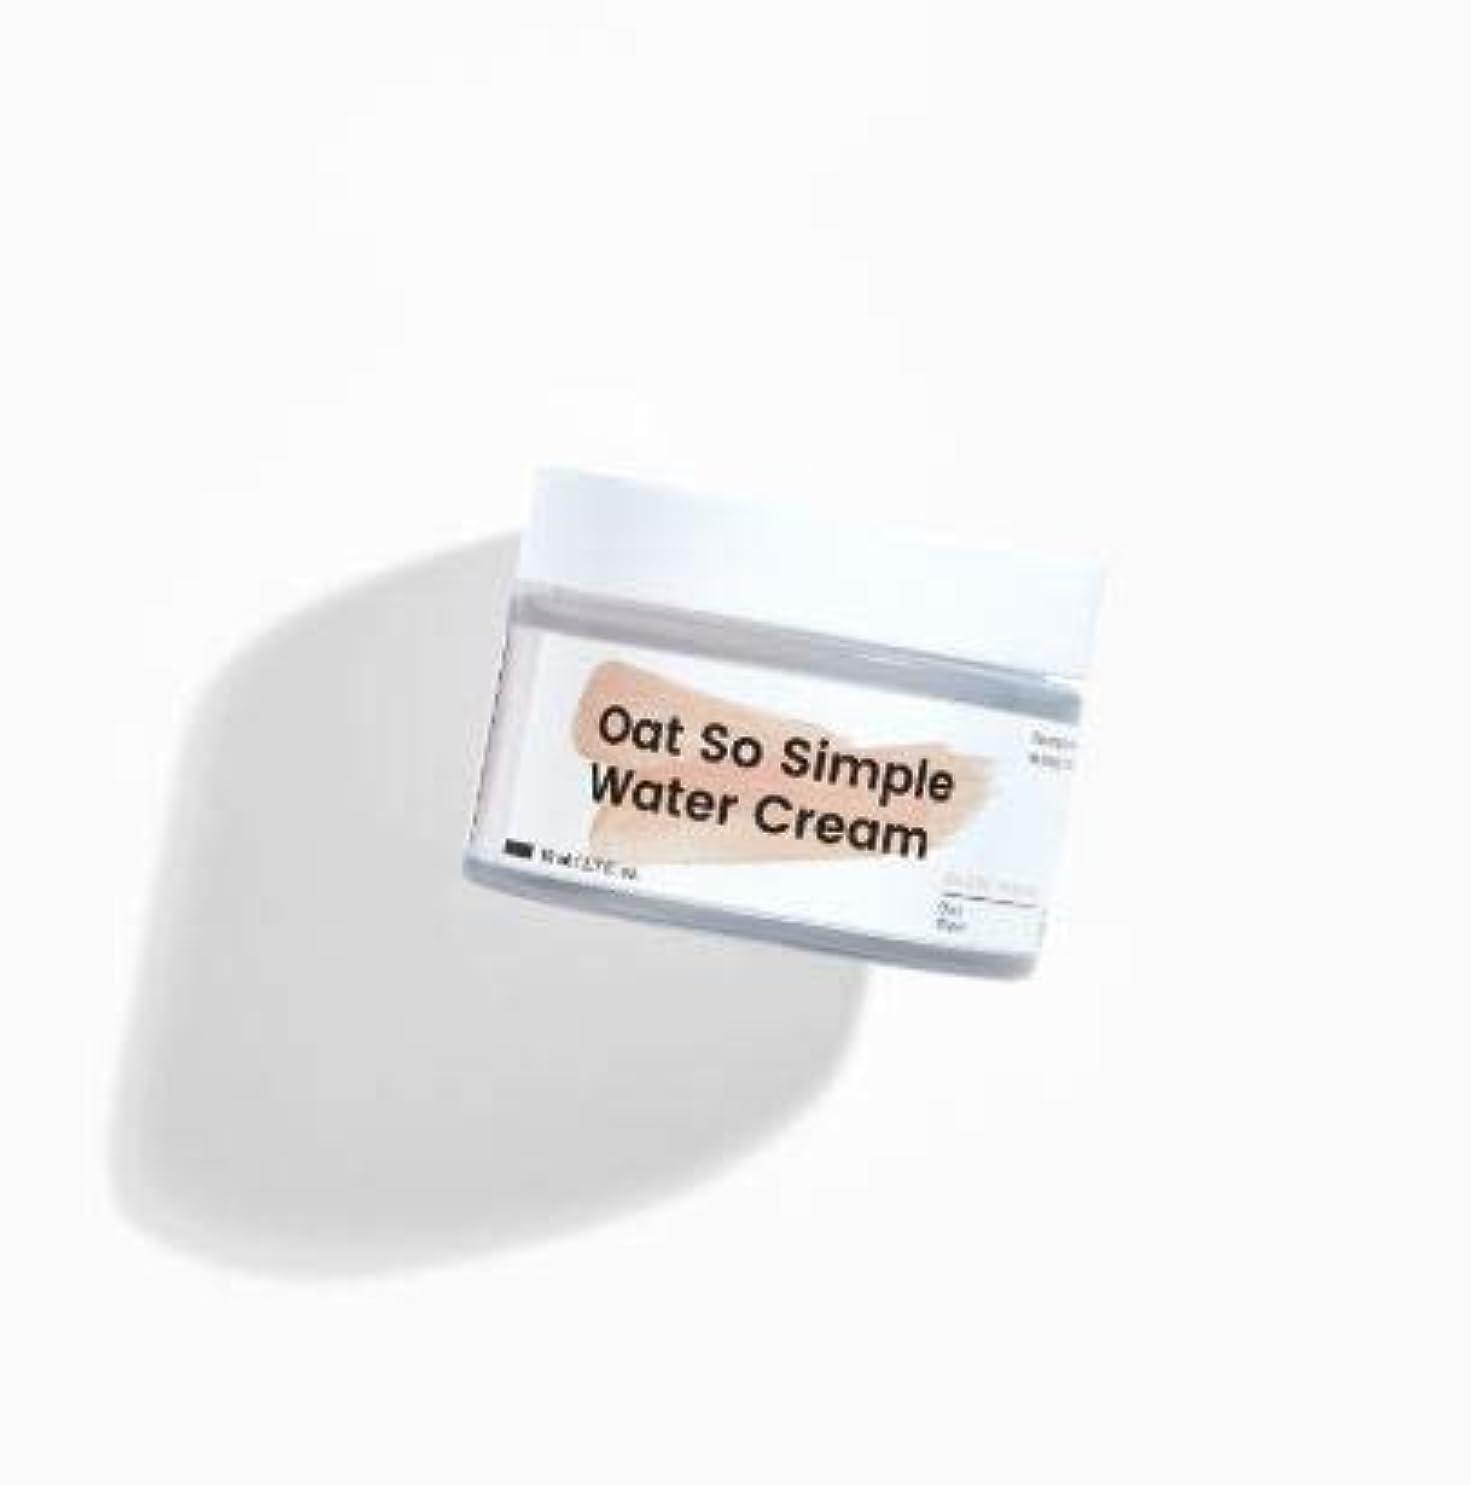 良いアセあご[Krave] Oat So Simple Water Cream 80ml [並行輸入品]